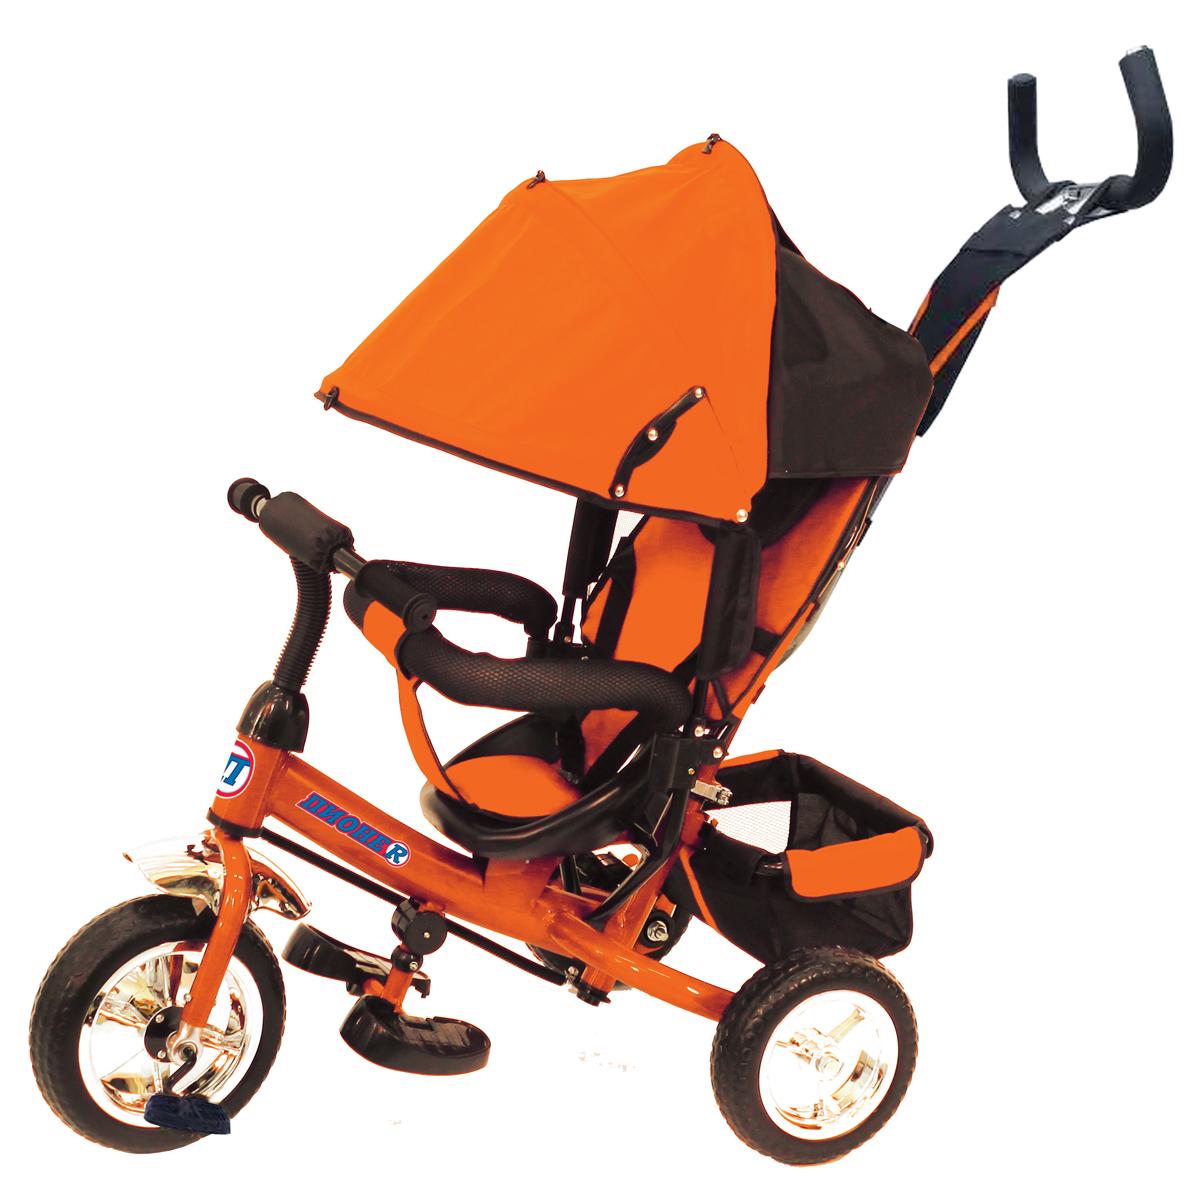 ПИОНЕR Велосипед трехколесный цвет оранжевый P1O - Велосипеды-каталки